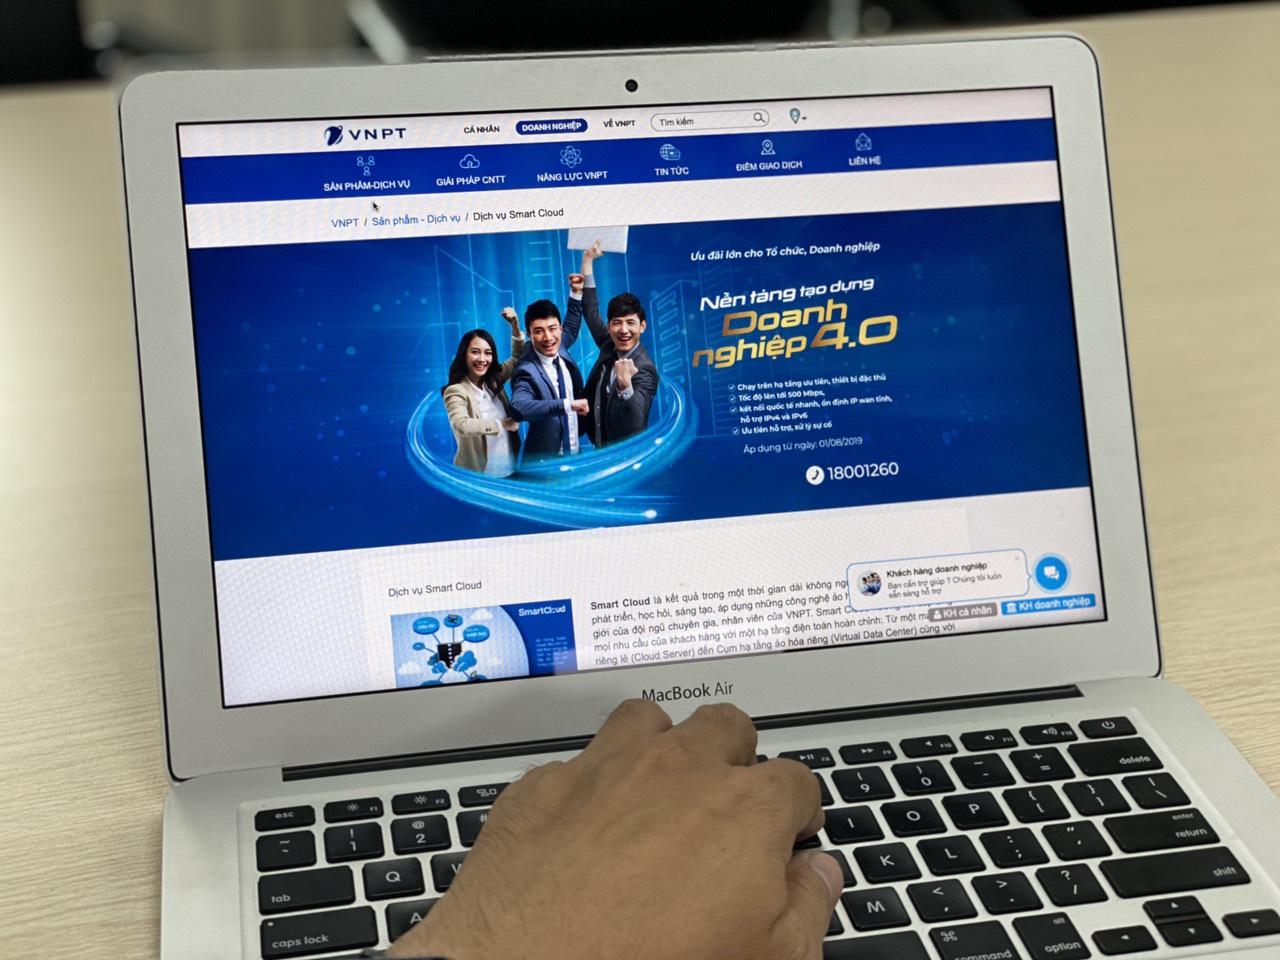 Phục hồi sau đại dịch: doanh nghiệp tiết kiệm chi phí với điện toán đám mây - Ảnh 1